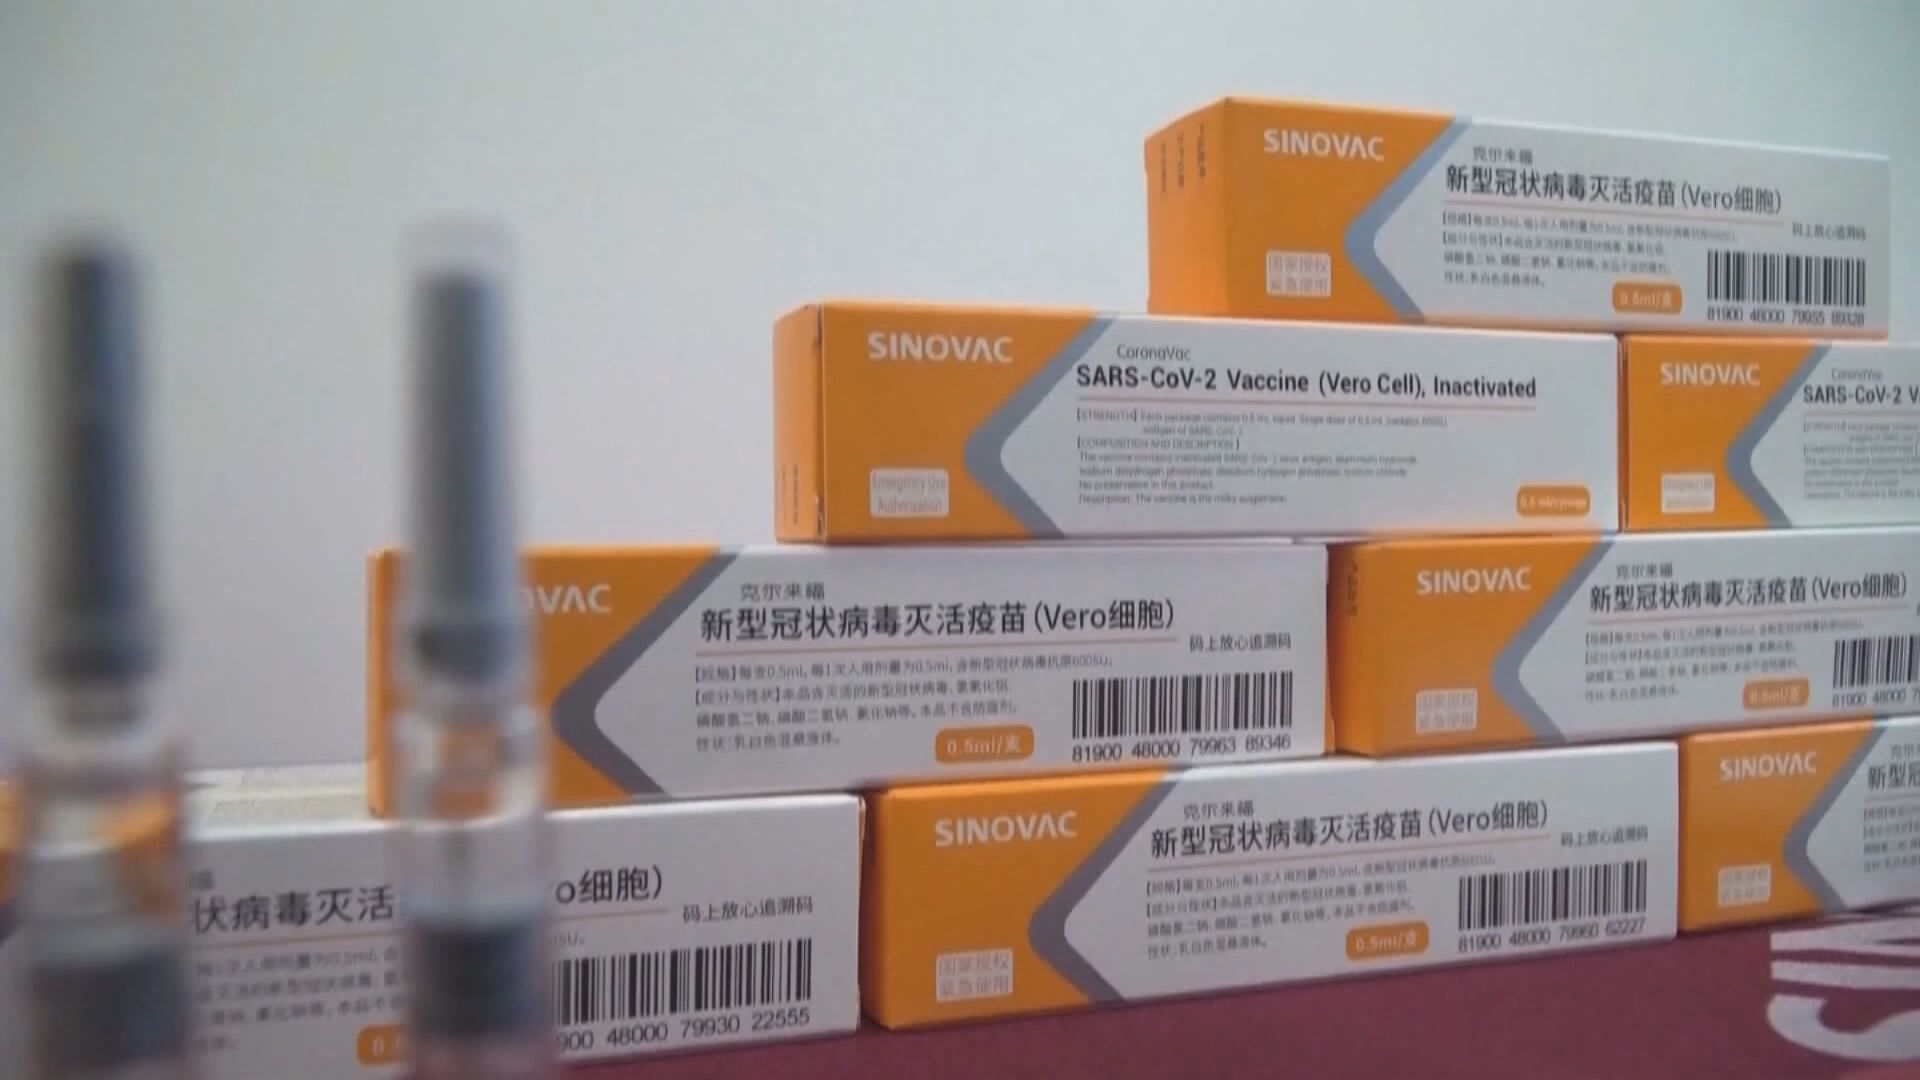 科興使用傳統疫苗技術 輝瑞BioNTech則屬新技術